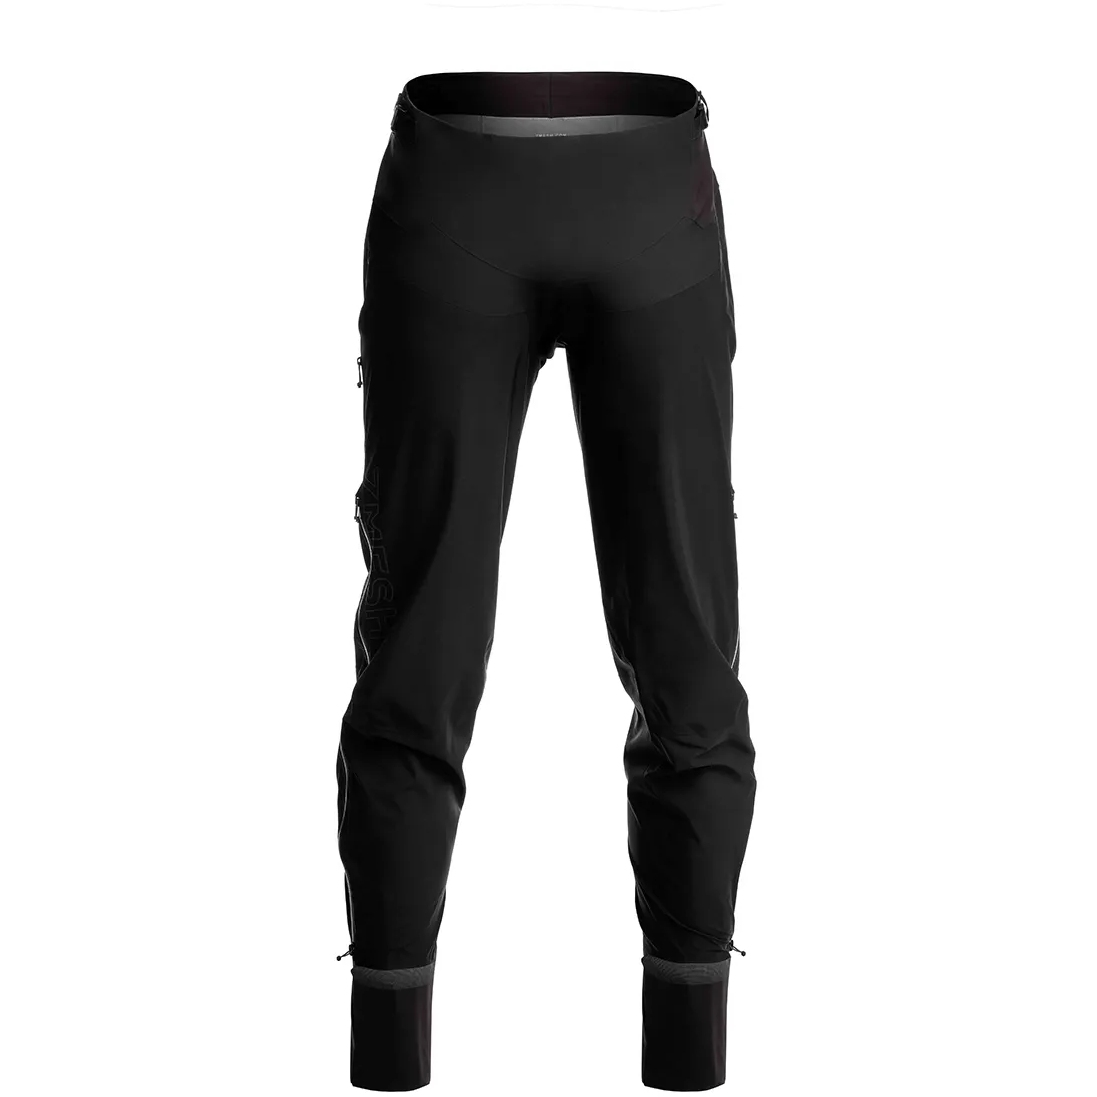 7mesh Thunder Men's Pants - Black